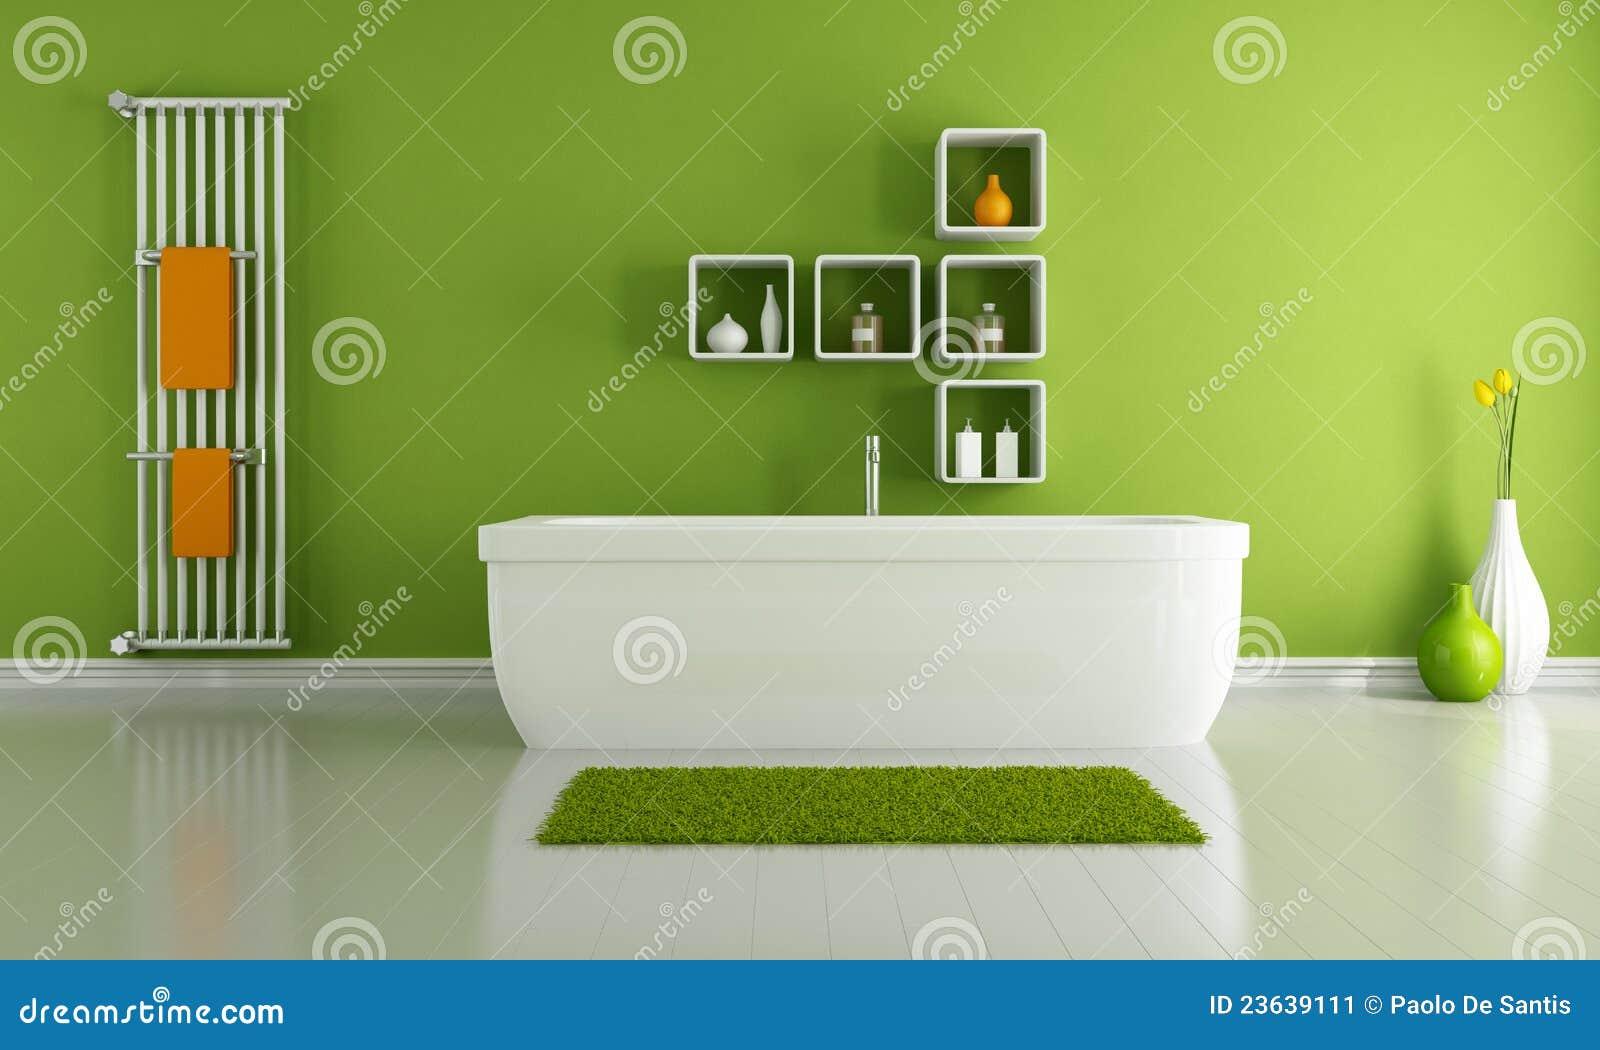 Baños Modernos Verde:Cuarto de baño moderno verde con el cuarto de baño blanco y el